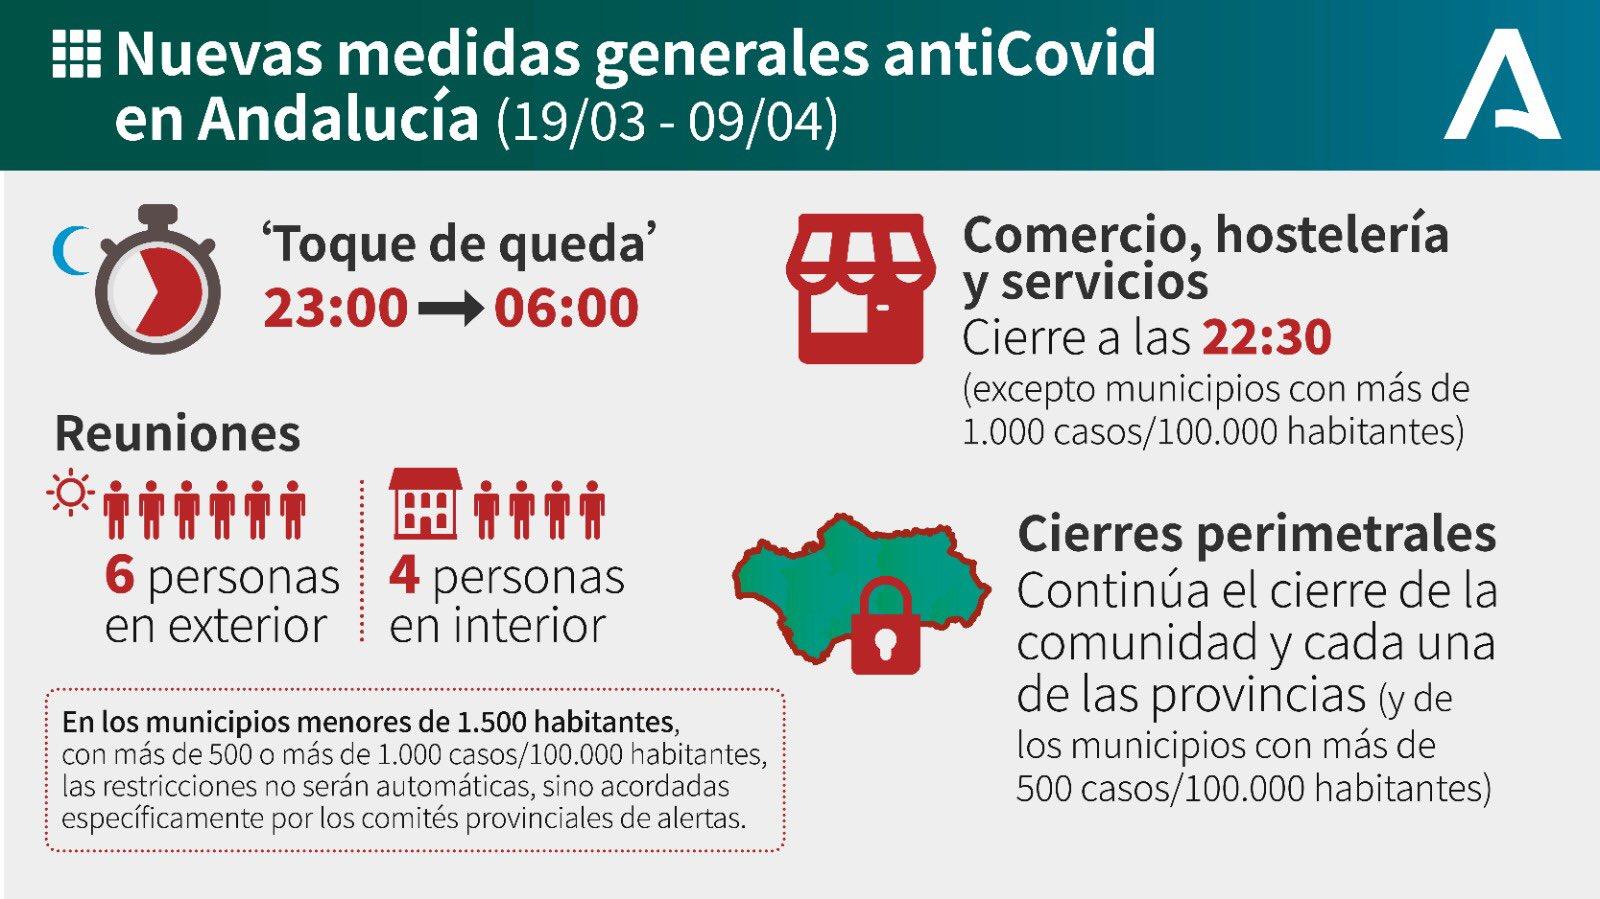 Nuevas Medidas Generales AntiCOVID en Andalucía